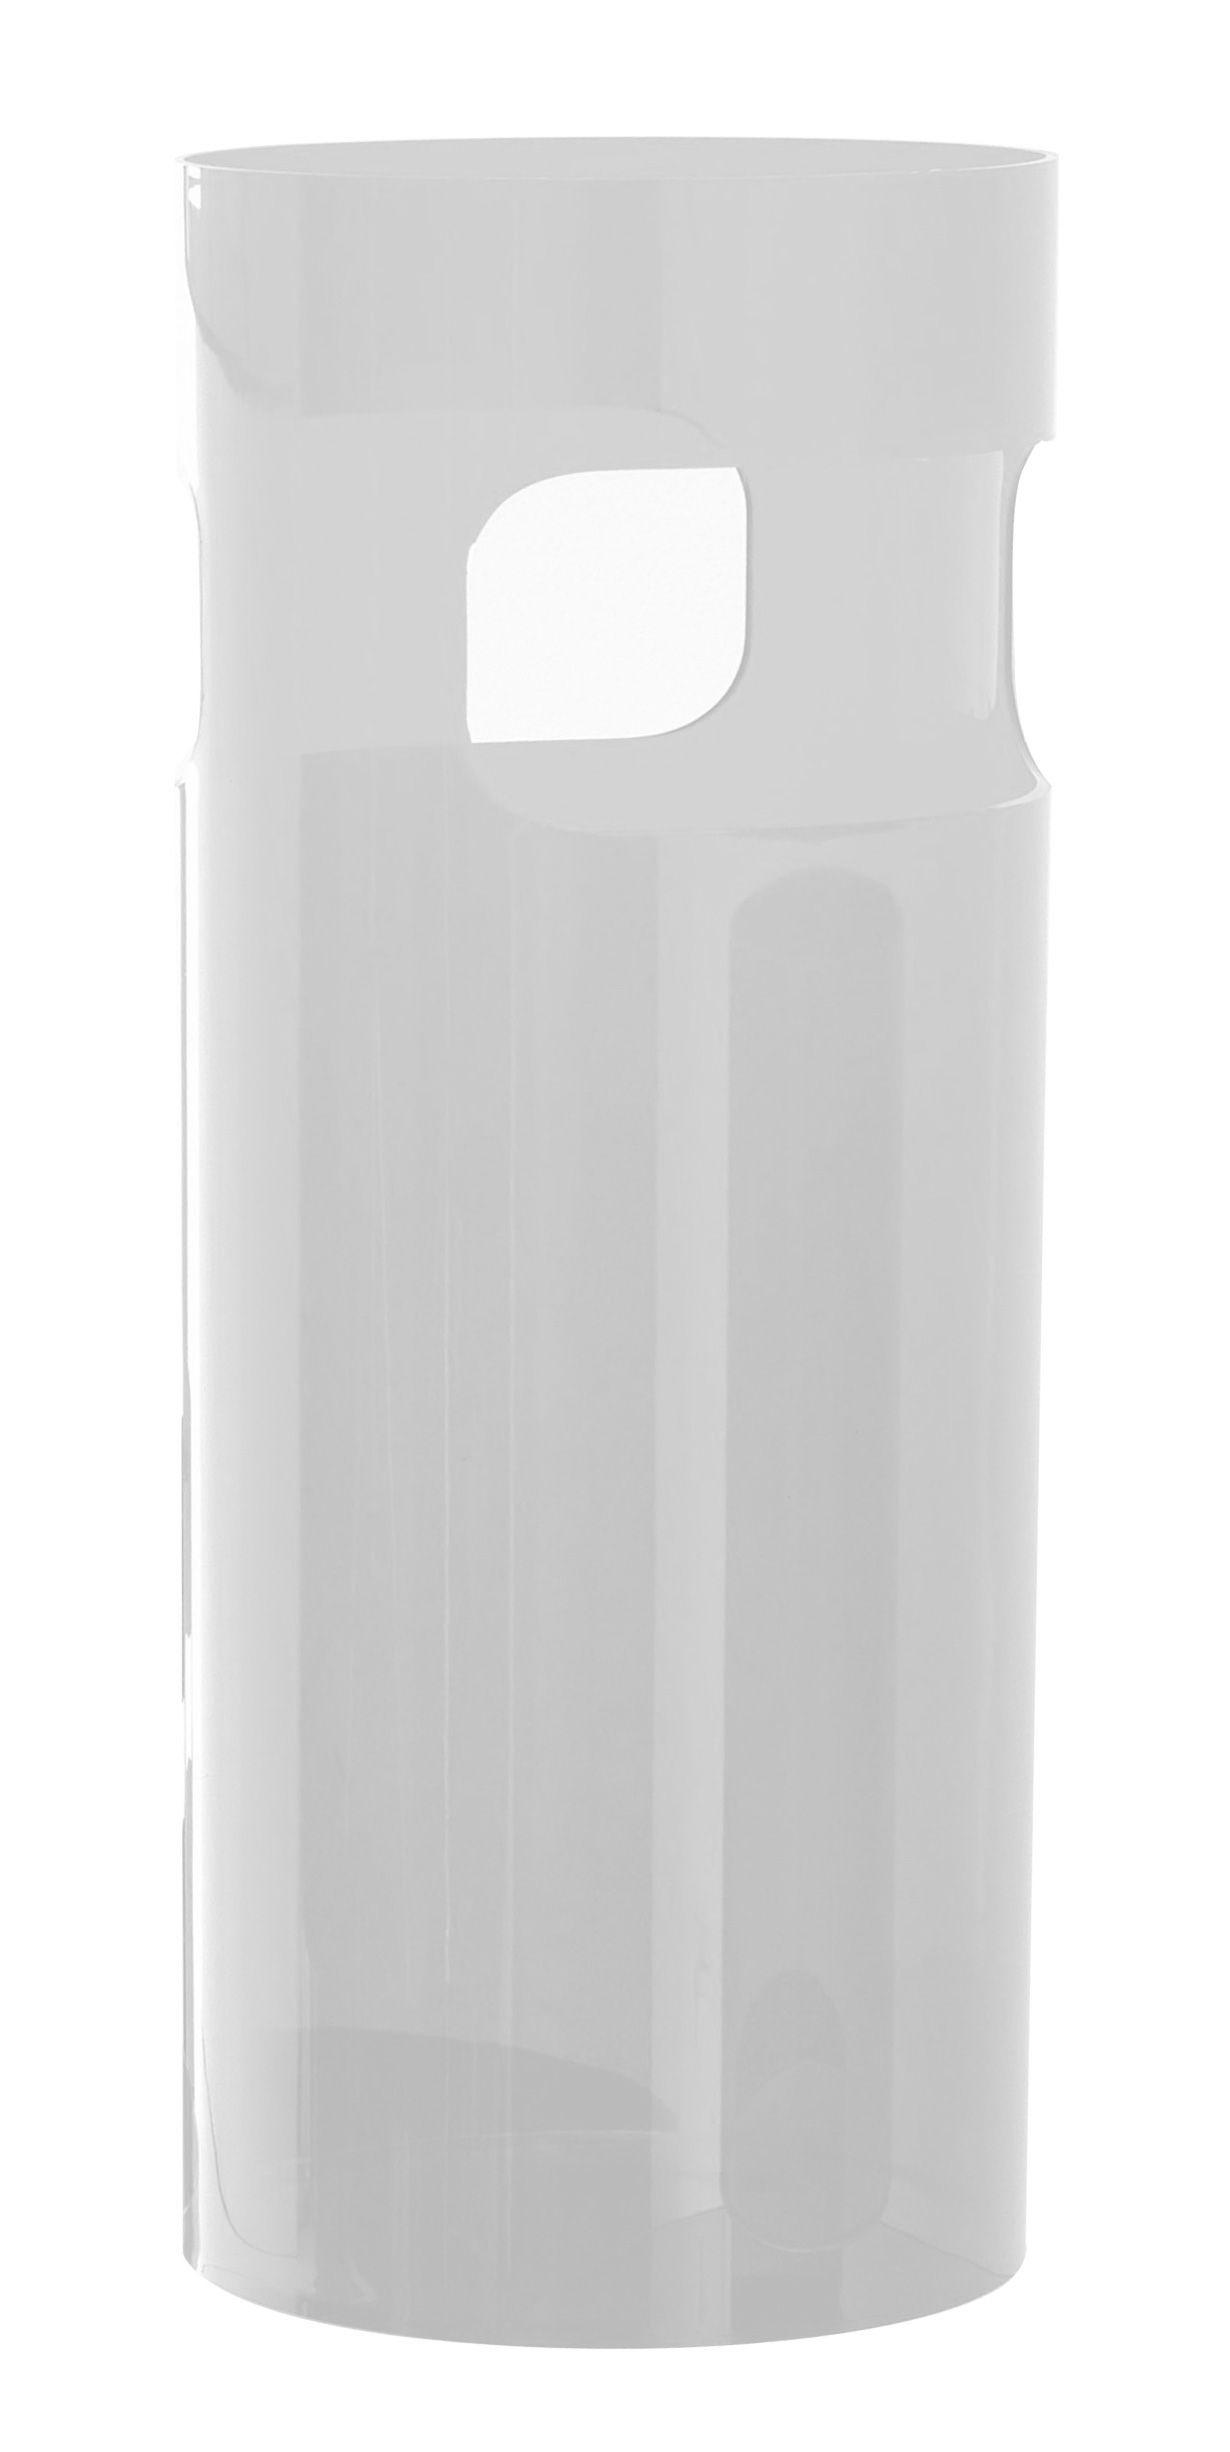 Déco - Paniers et petits rangements - Porte-parapluies - Kartell - Blanc opaque - ABS